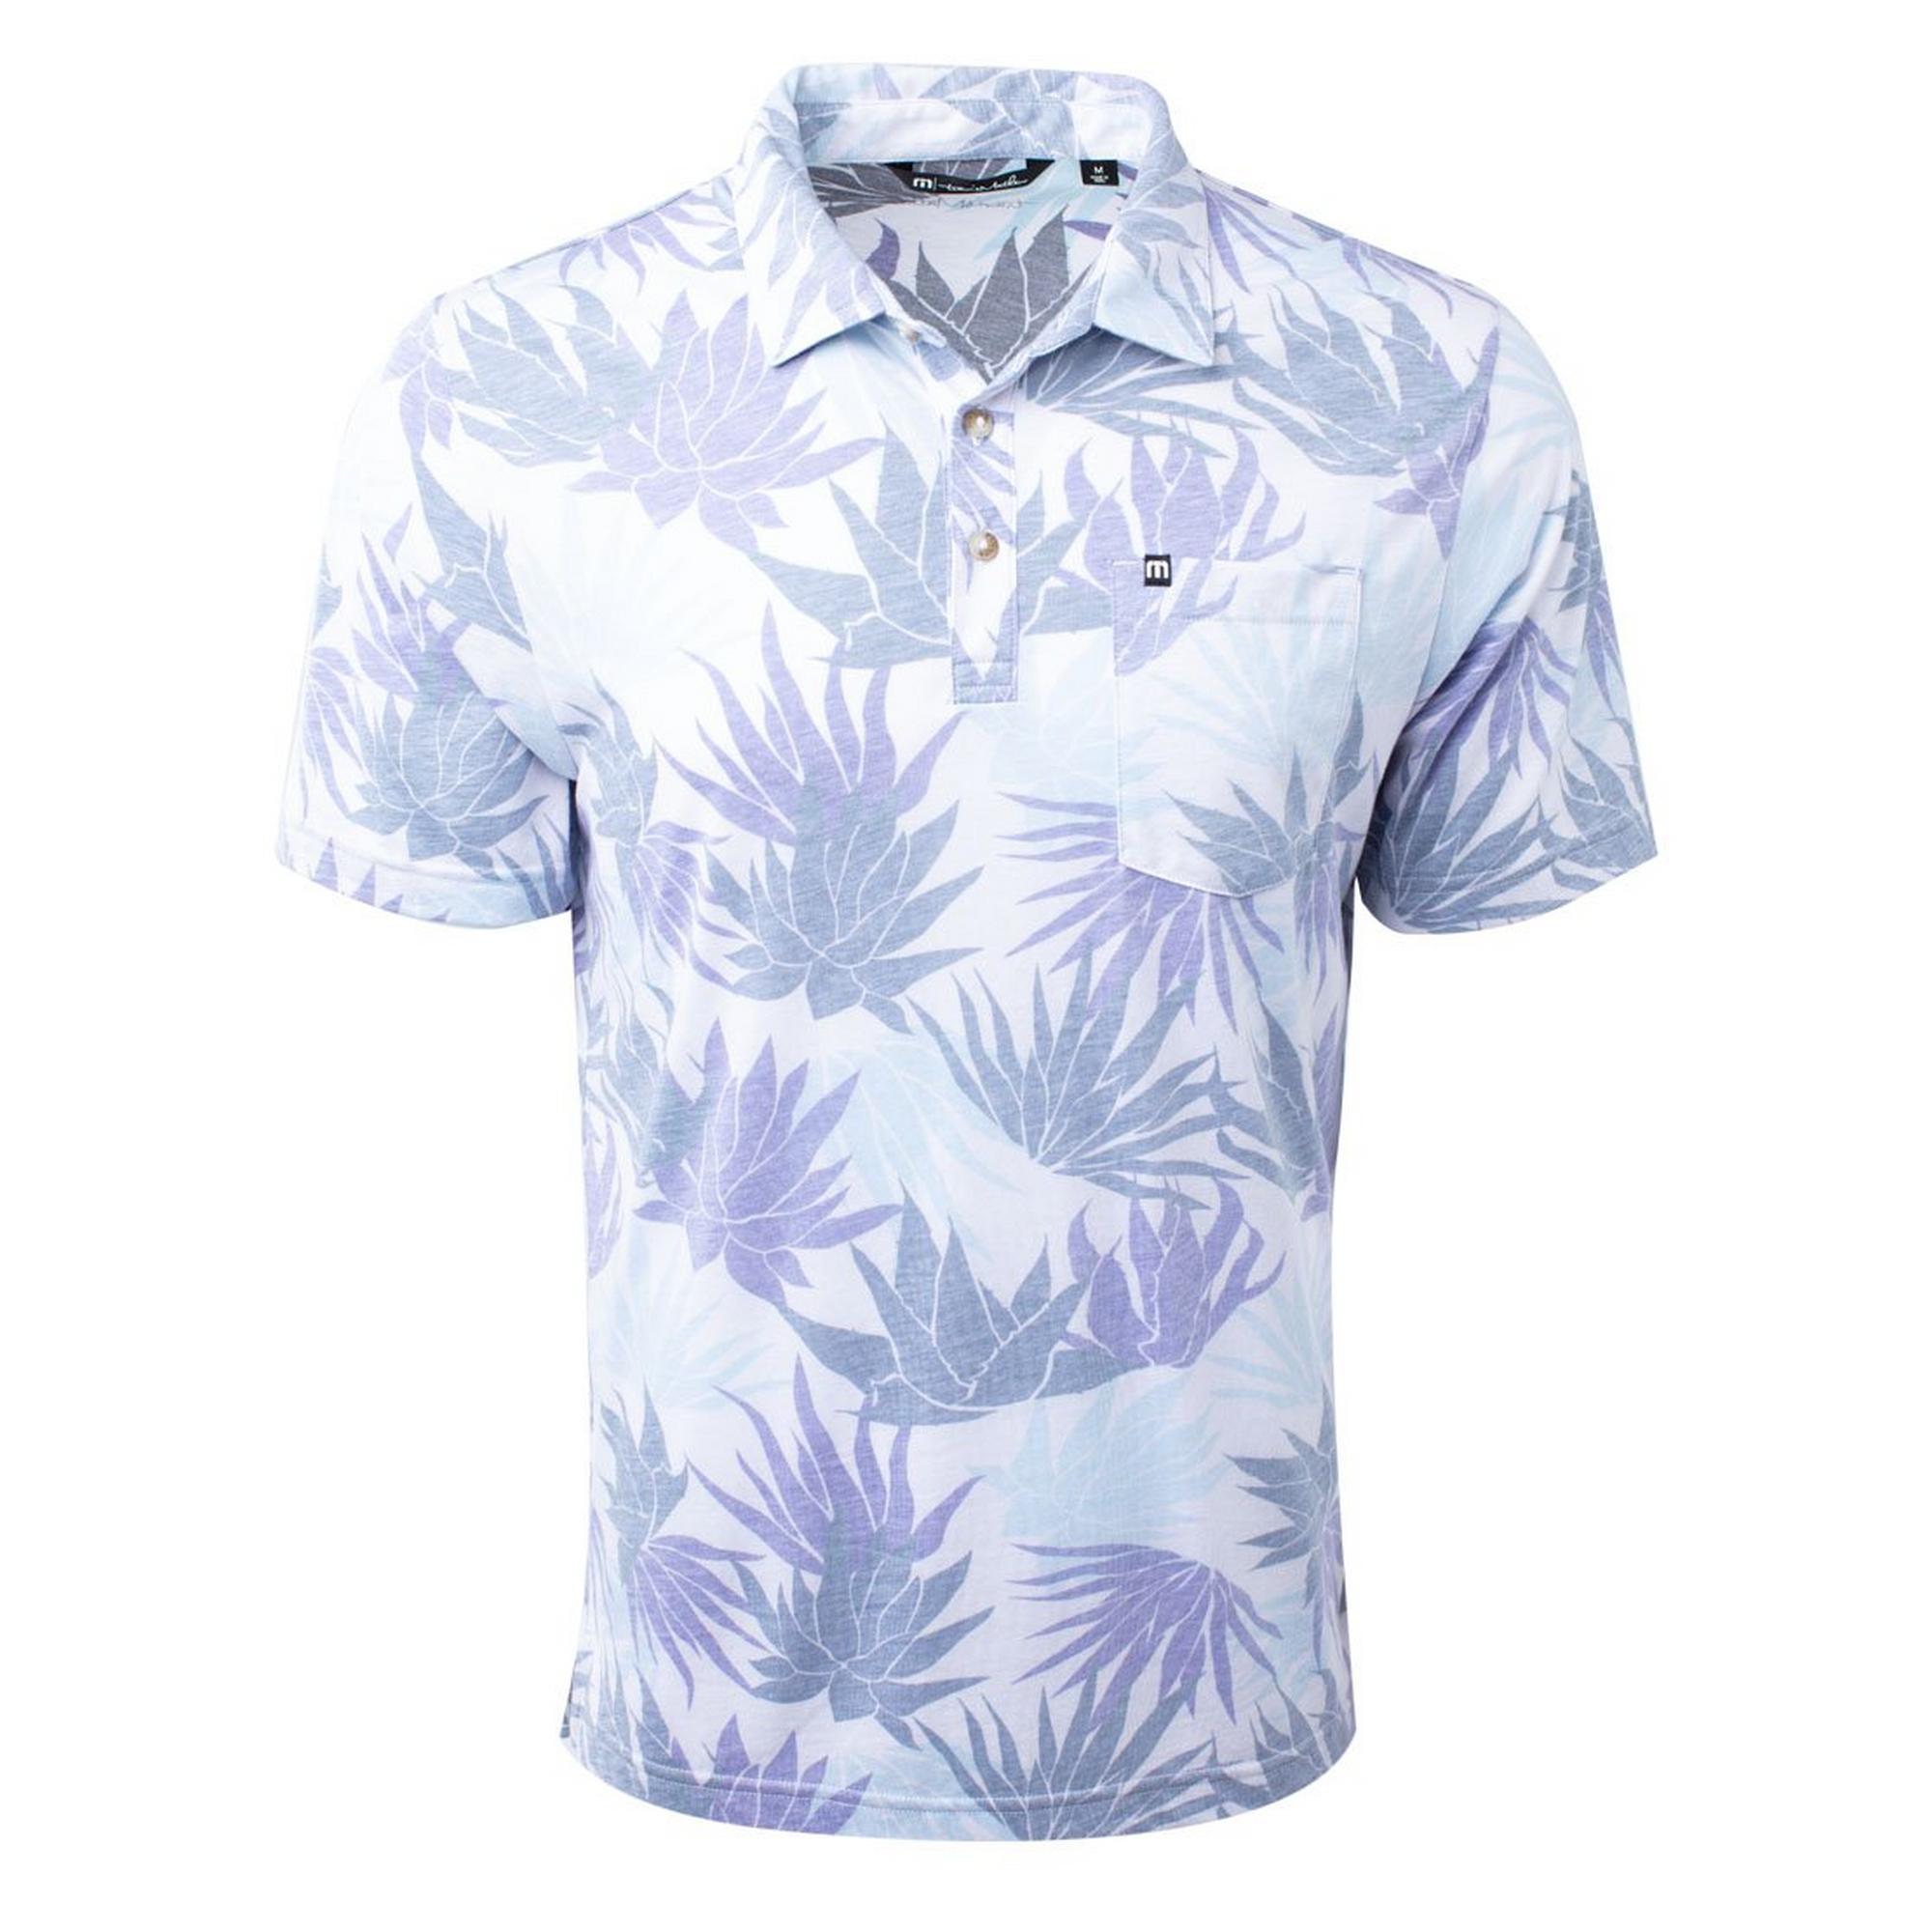 Men's A Grade Short Sleeve Shirt